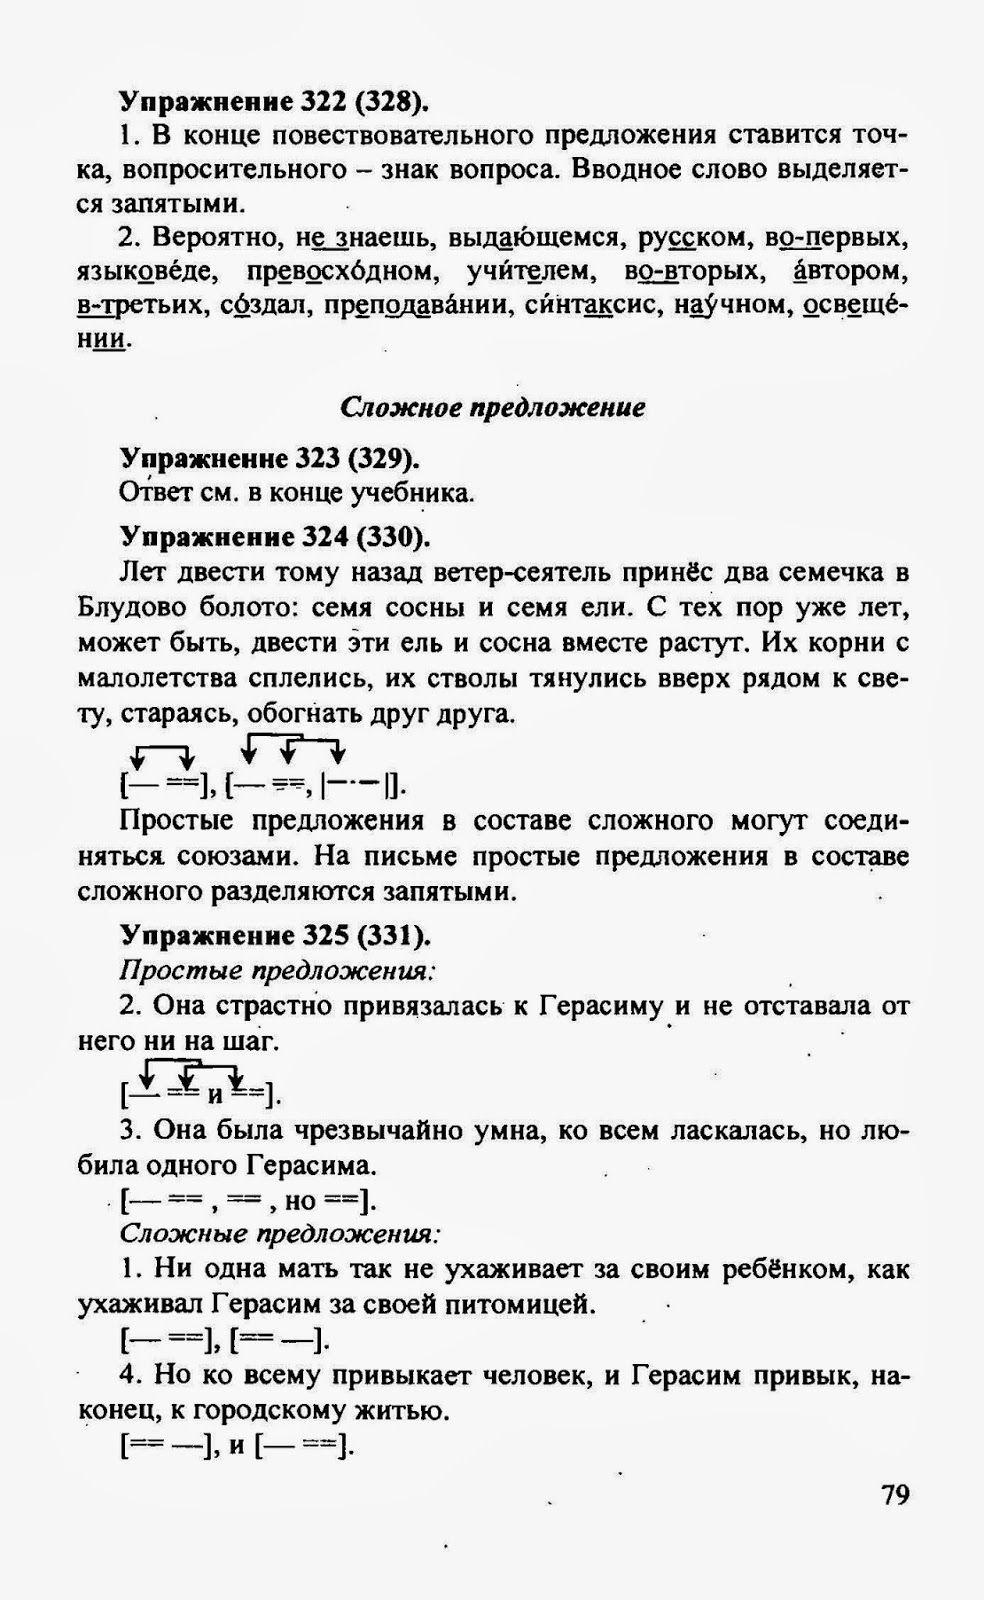 Контрольные работы по русскому языку 2 класс умк начальная школа 21 века 2 четверть